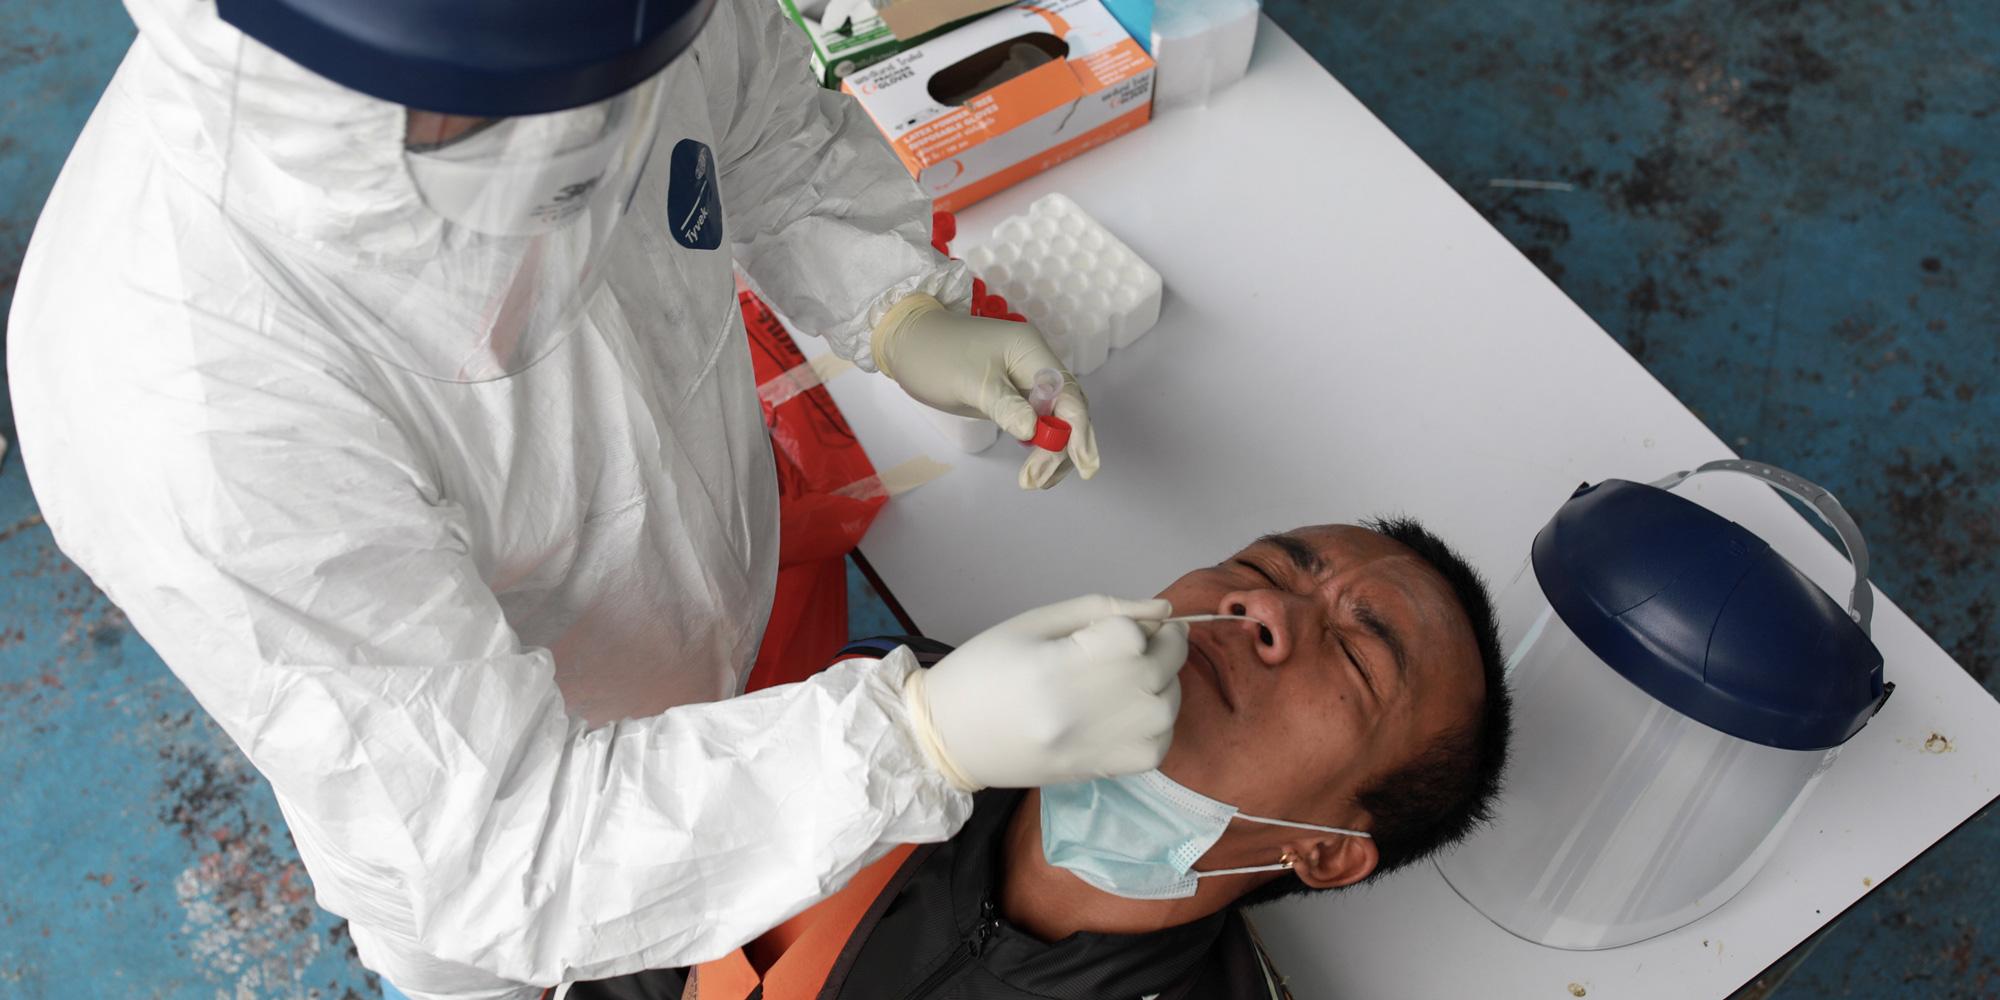 Thaïlande, Cambodge, Laos... En Asie, le Covid-19 contamine aussi les pays modèles